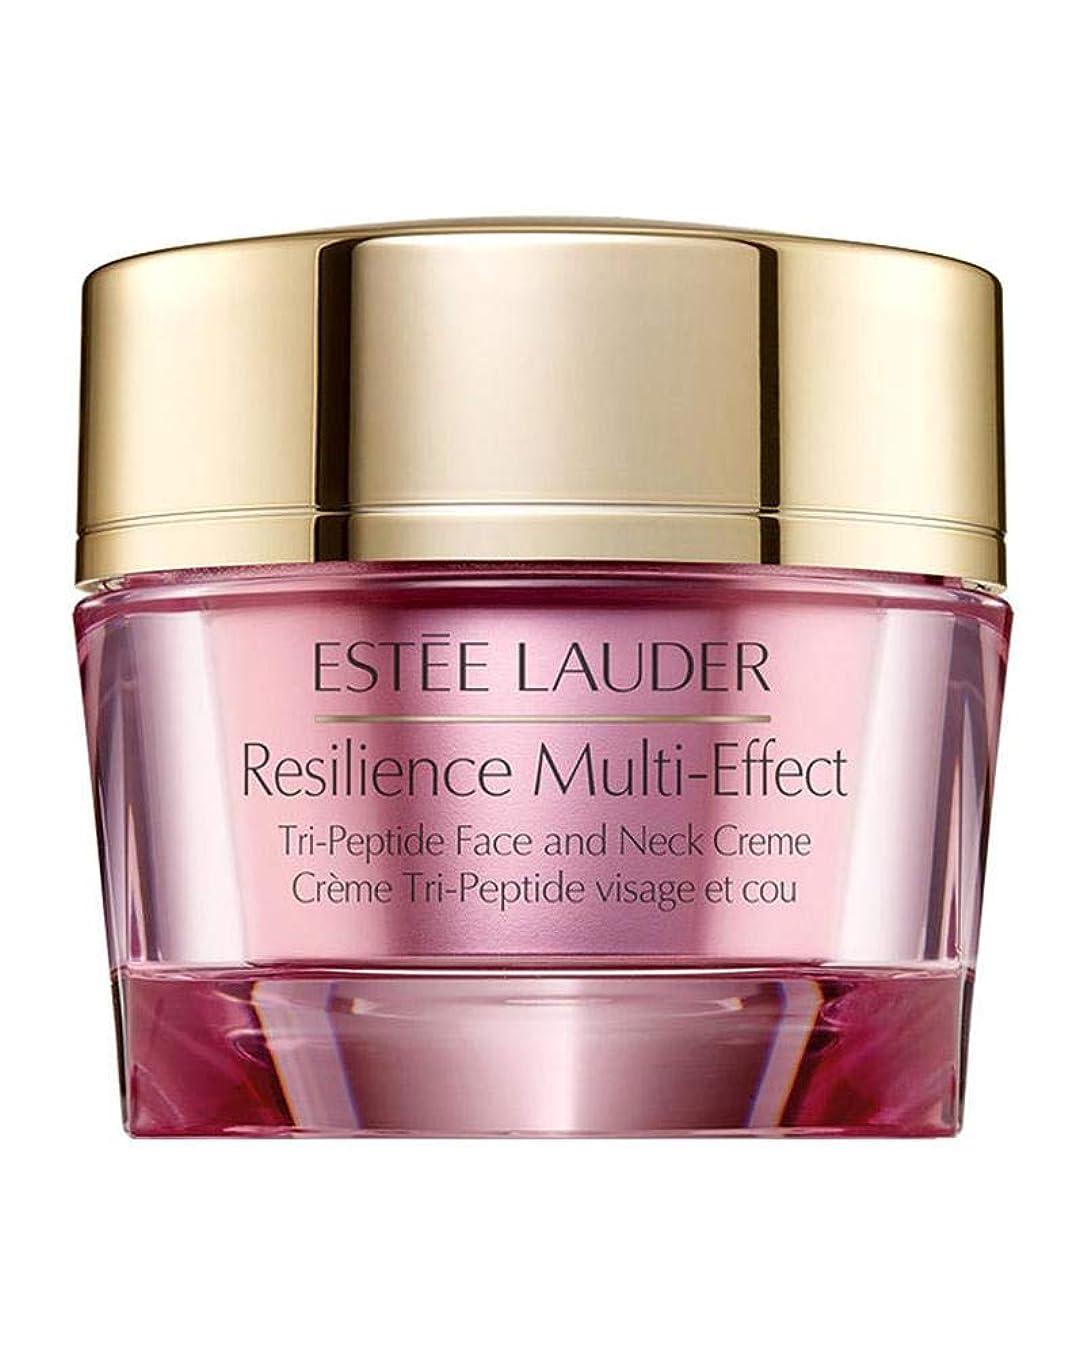 従事する独特の強調するエスティローダー Resilience Multi-Effect Tri-Peptide Face and Neck Creme SPF 15 - For Normal/Combination Skin 50ml/1.7oz並行輸入品